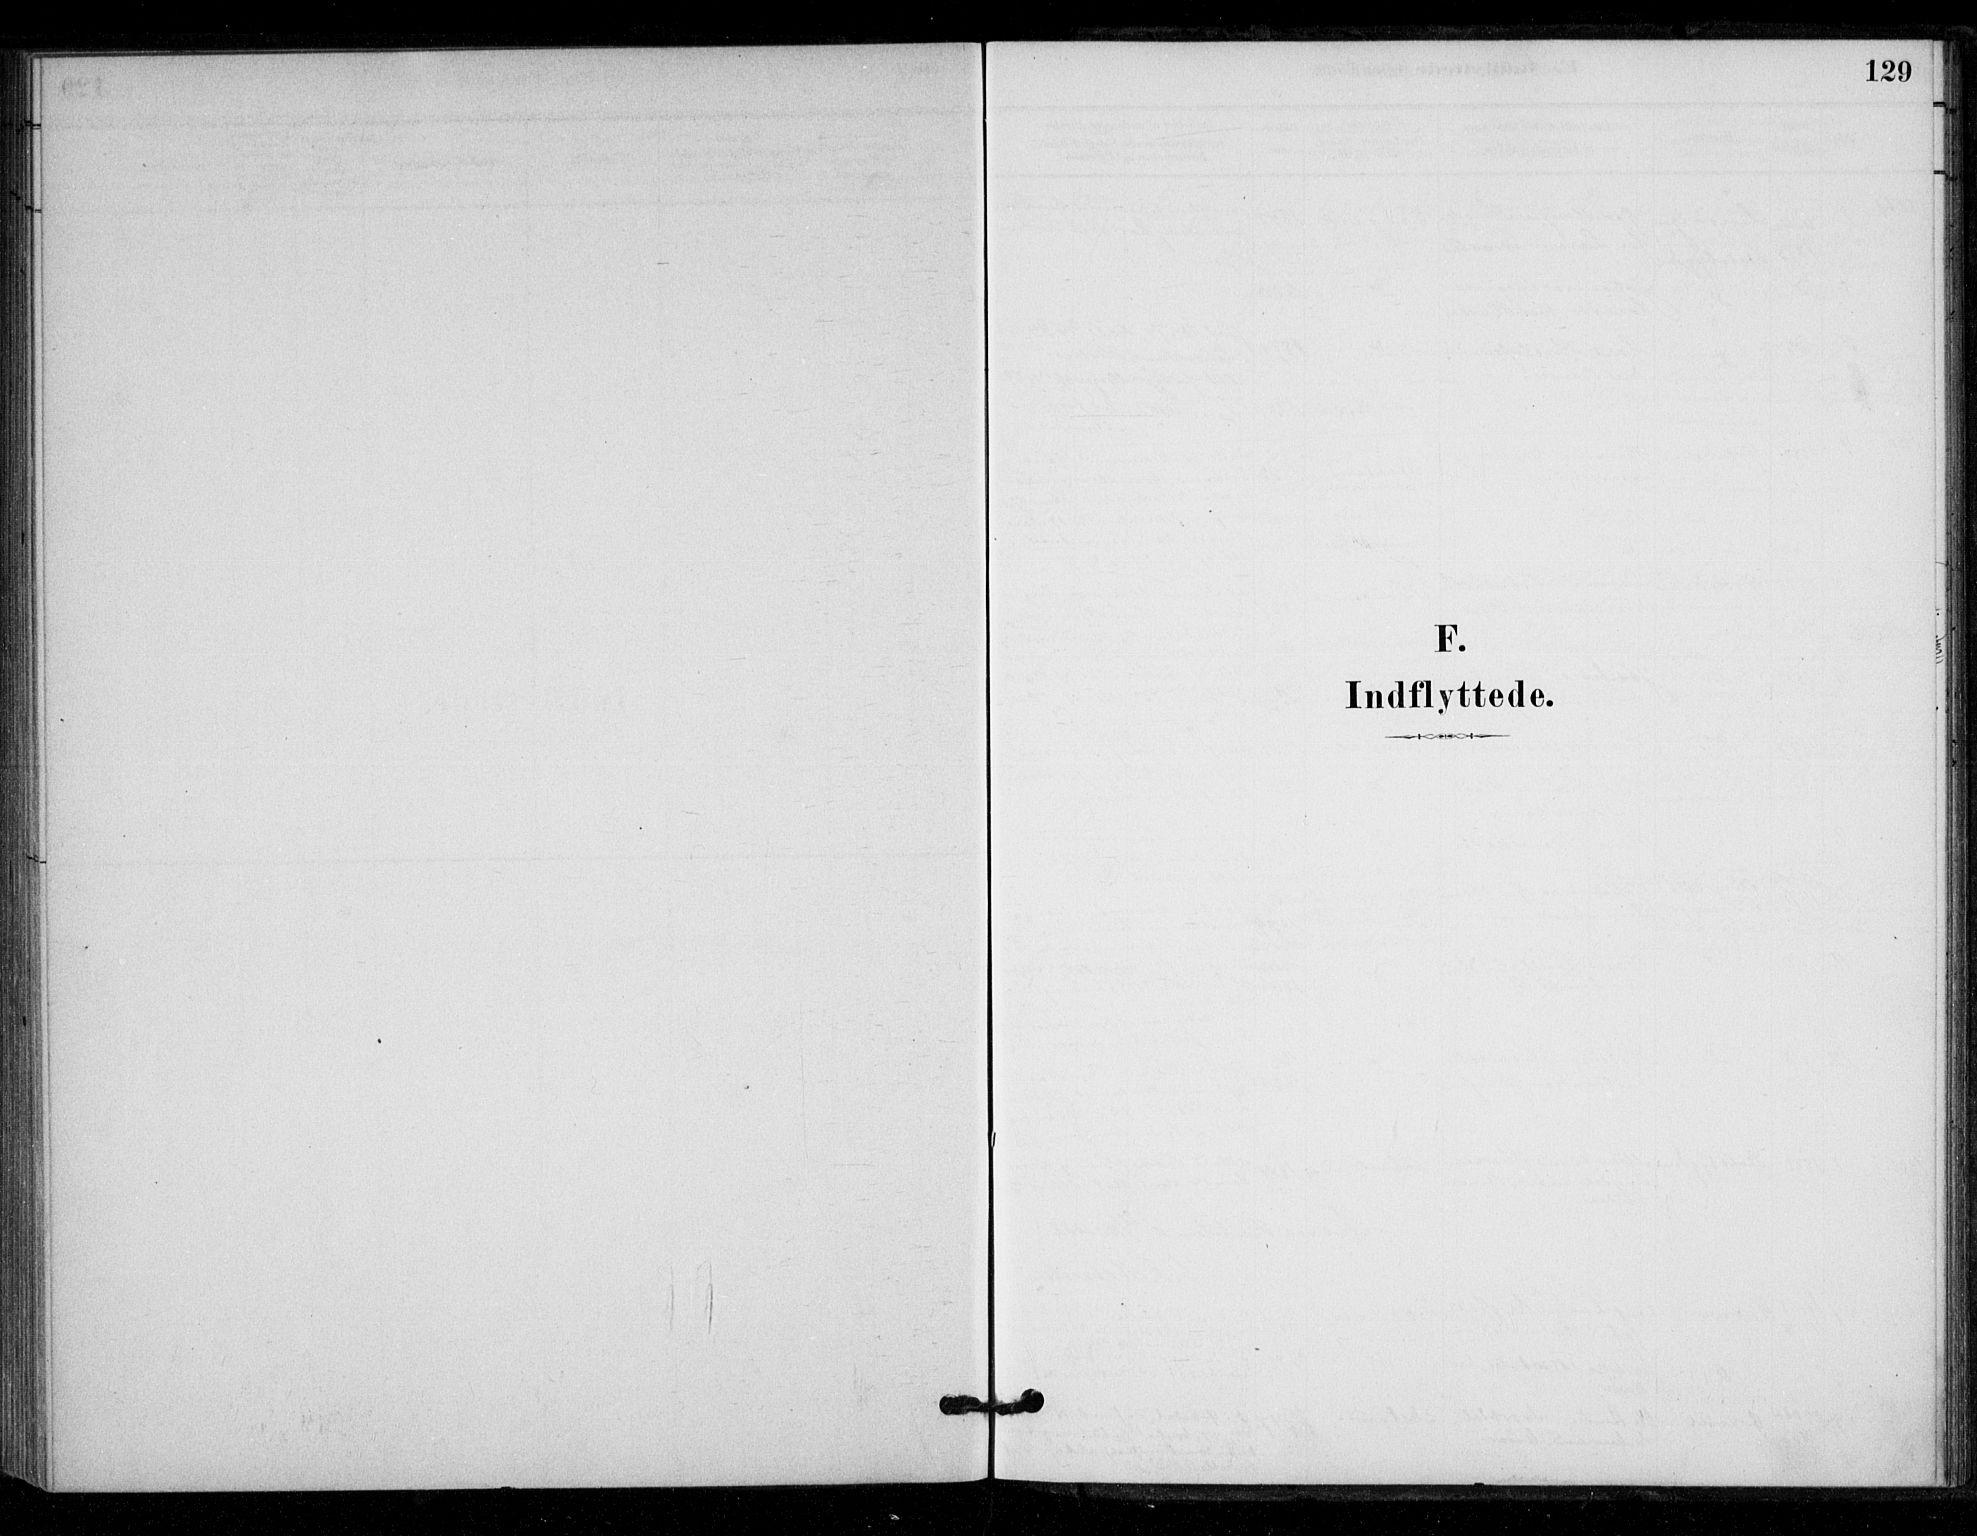 SAT, Ministerialprotokoller, klokkerbøker og fødselsregistre - Sør-Trøndelag, 670/L0836: Ministerialbok nr. 670A01, 1879-1904, s. 129